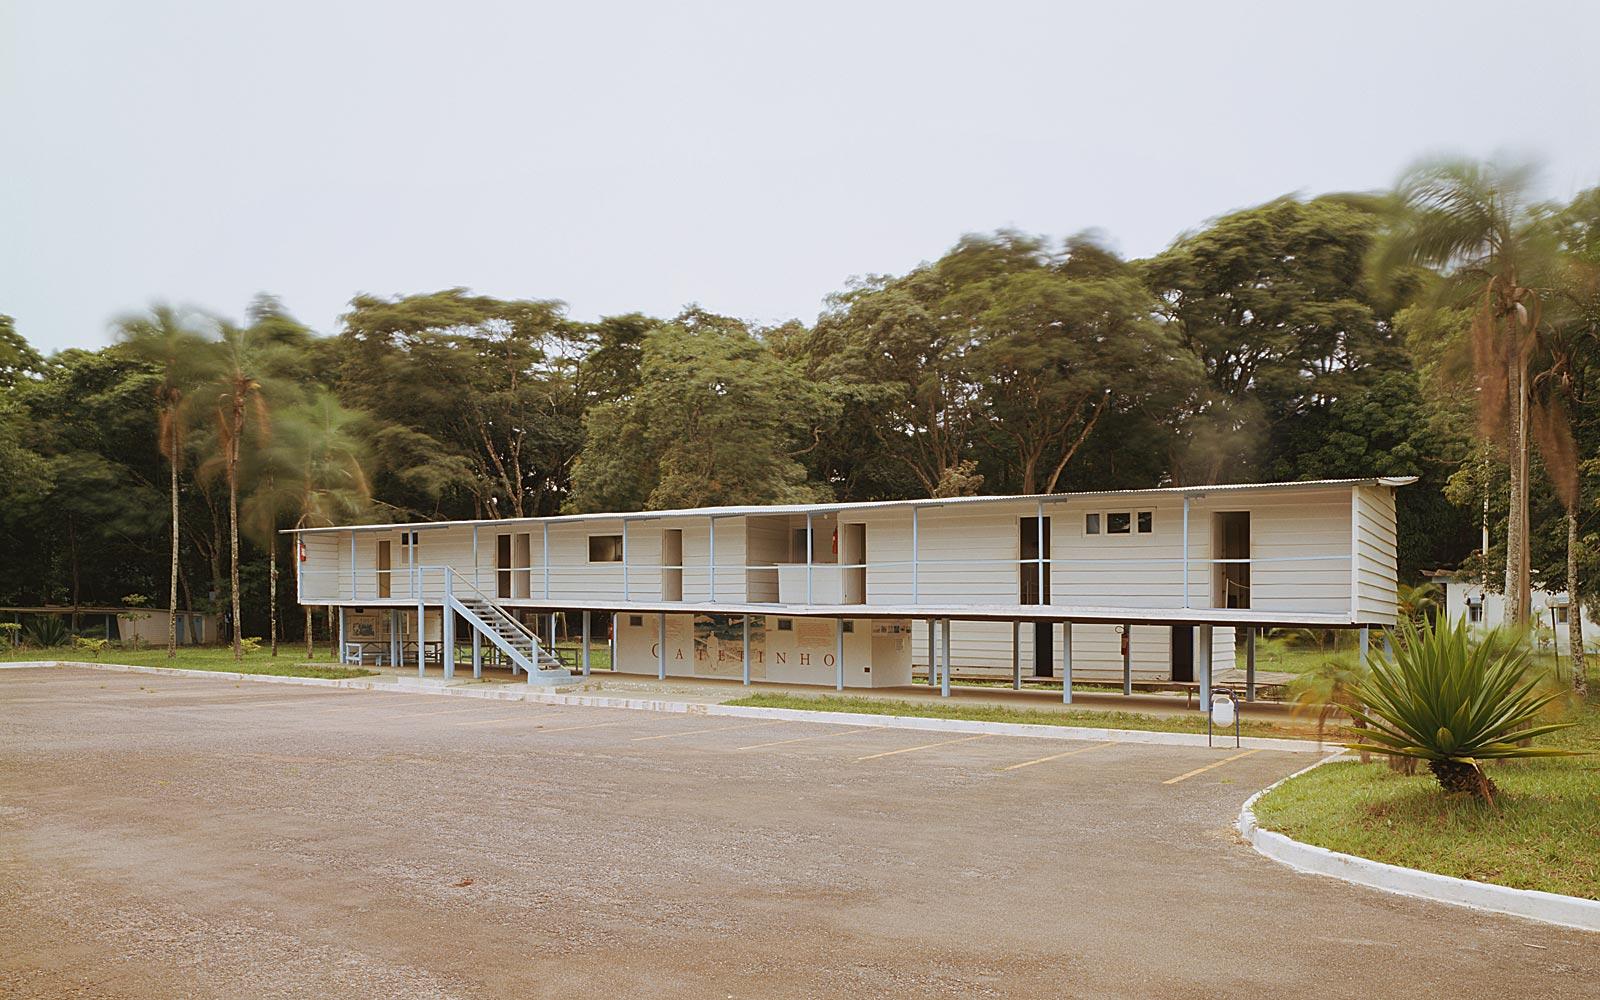 Catetinho, Brasilia